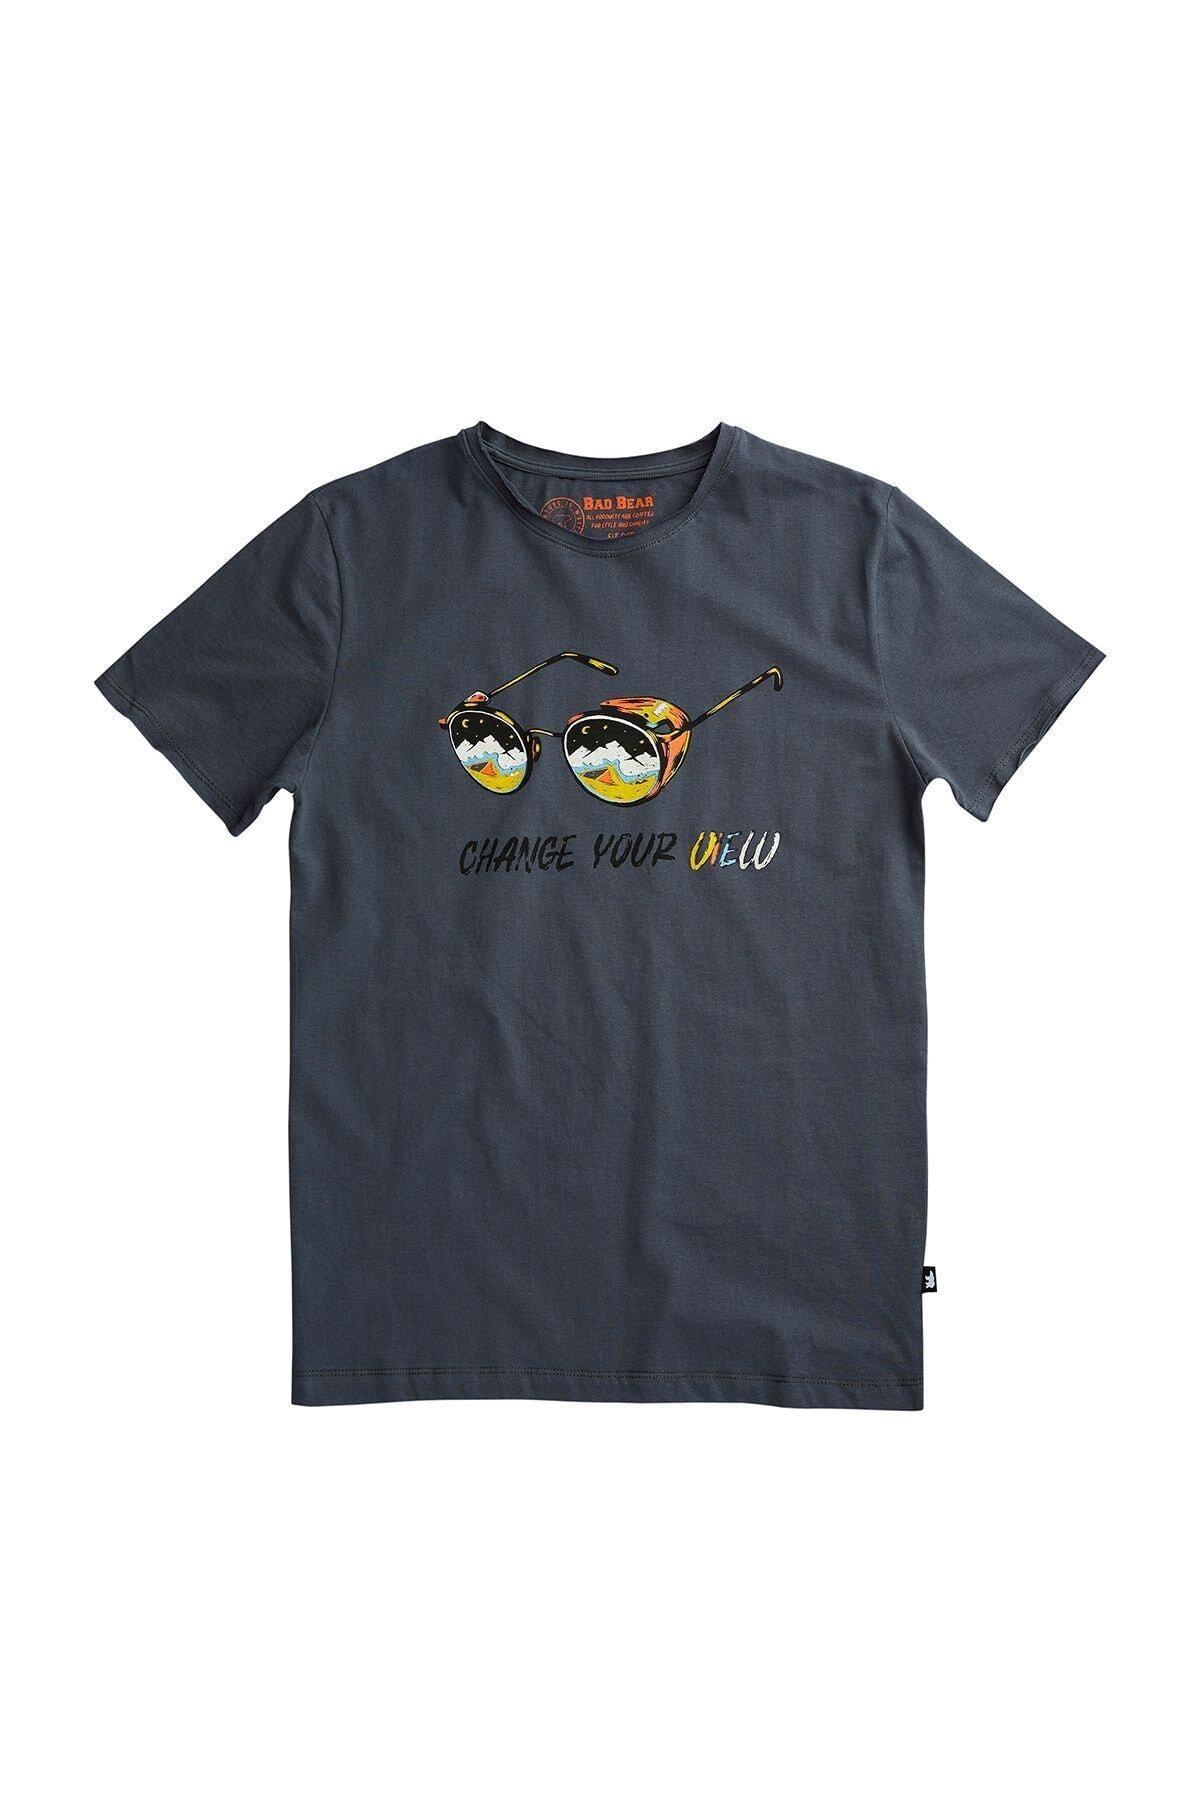 Bad Bear Erkek Baskılı Tişört (20.01.07.039-rvn) 2